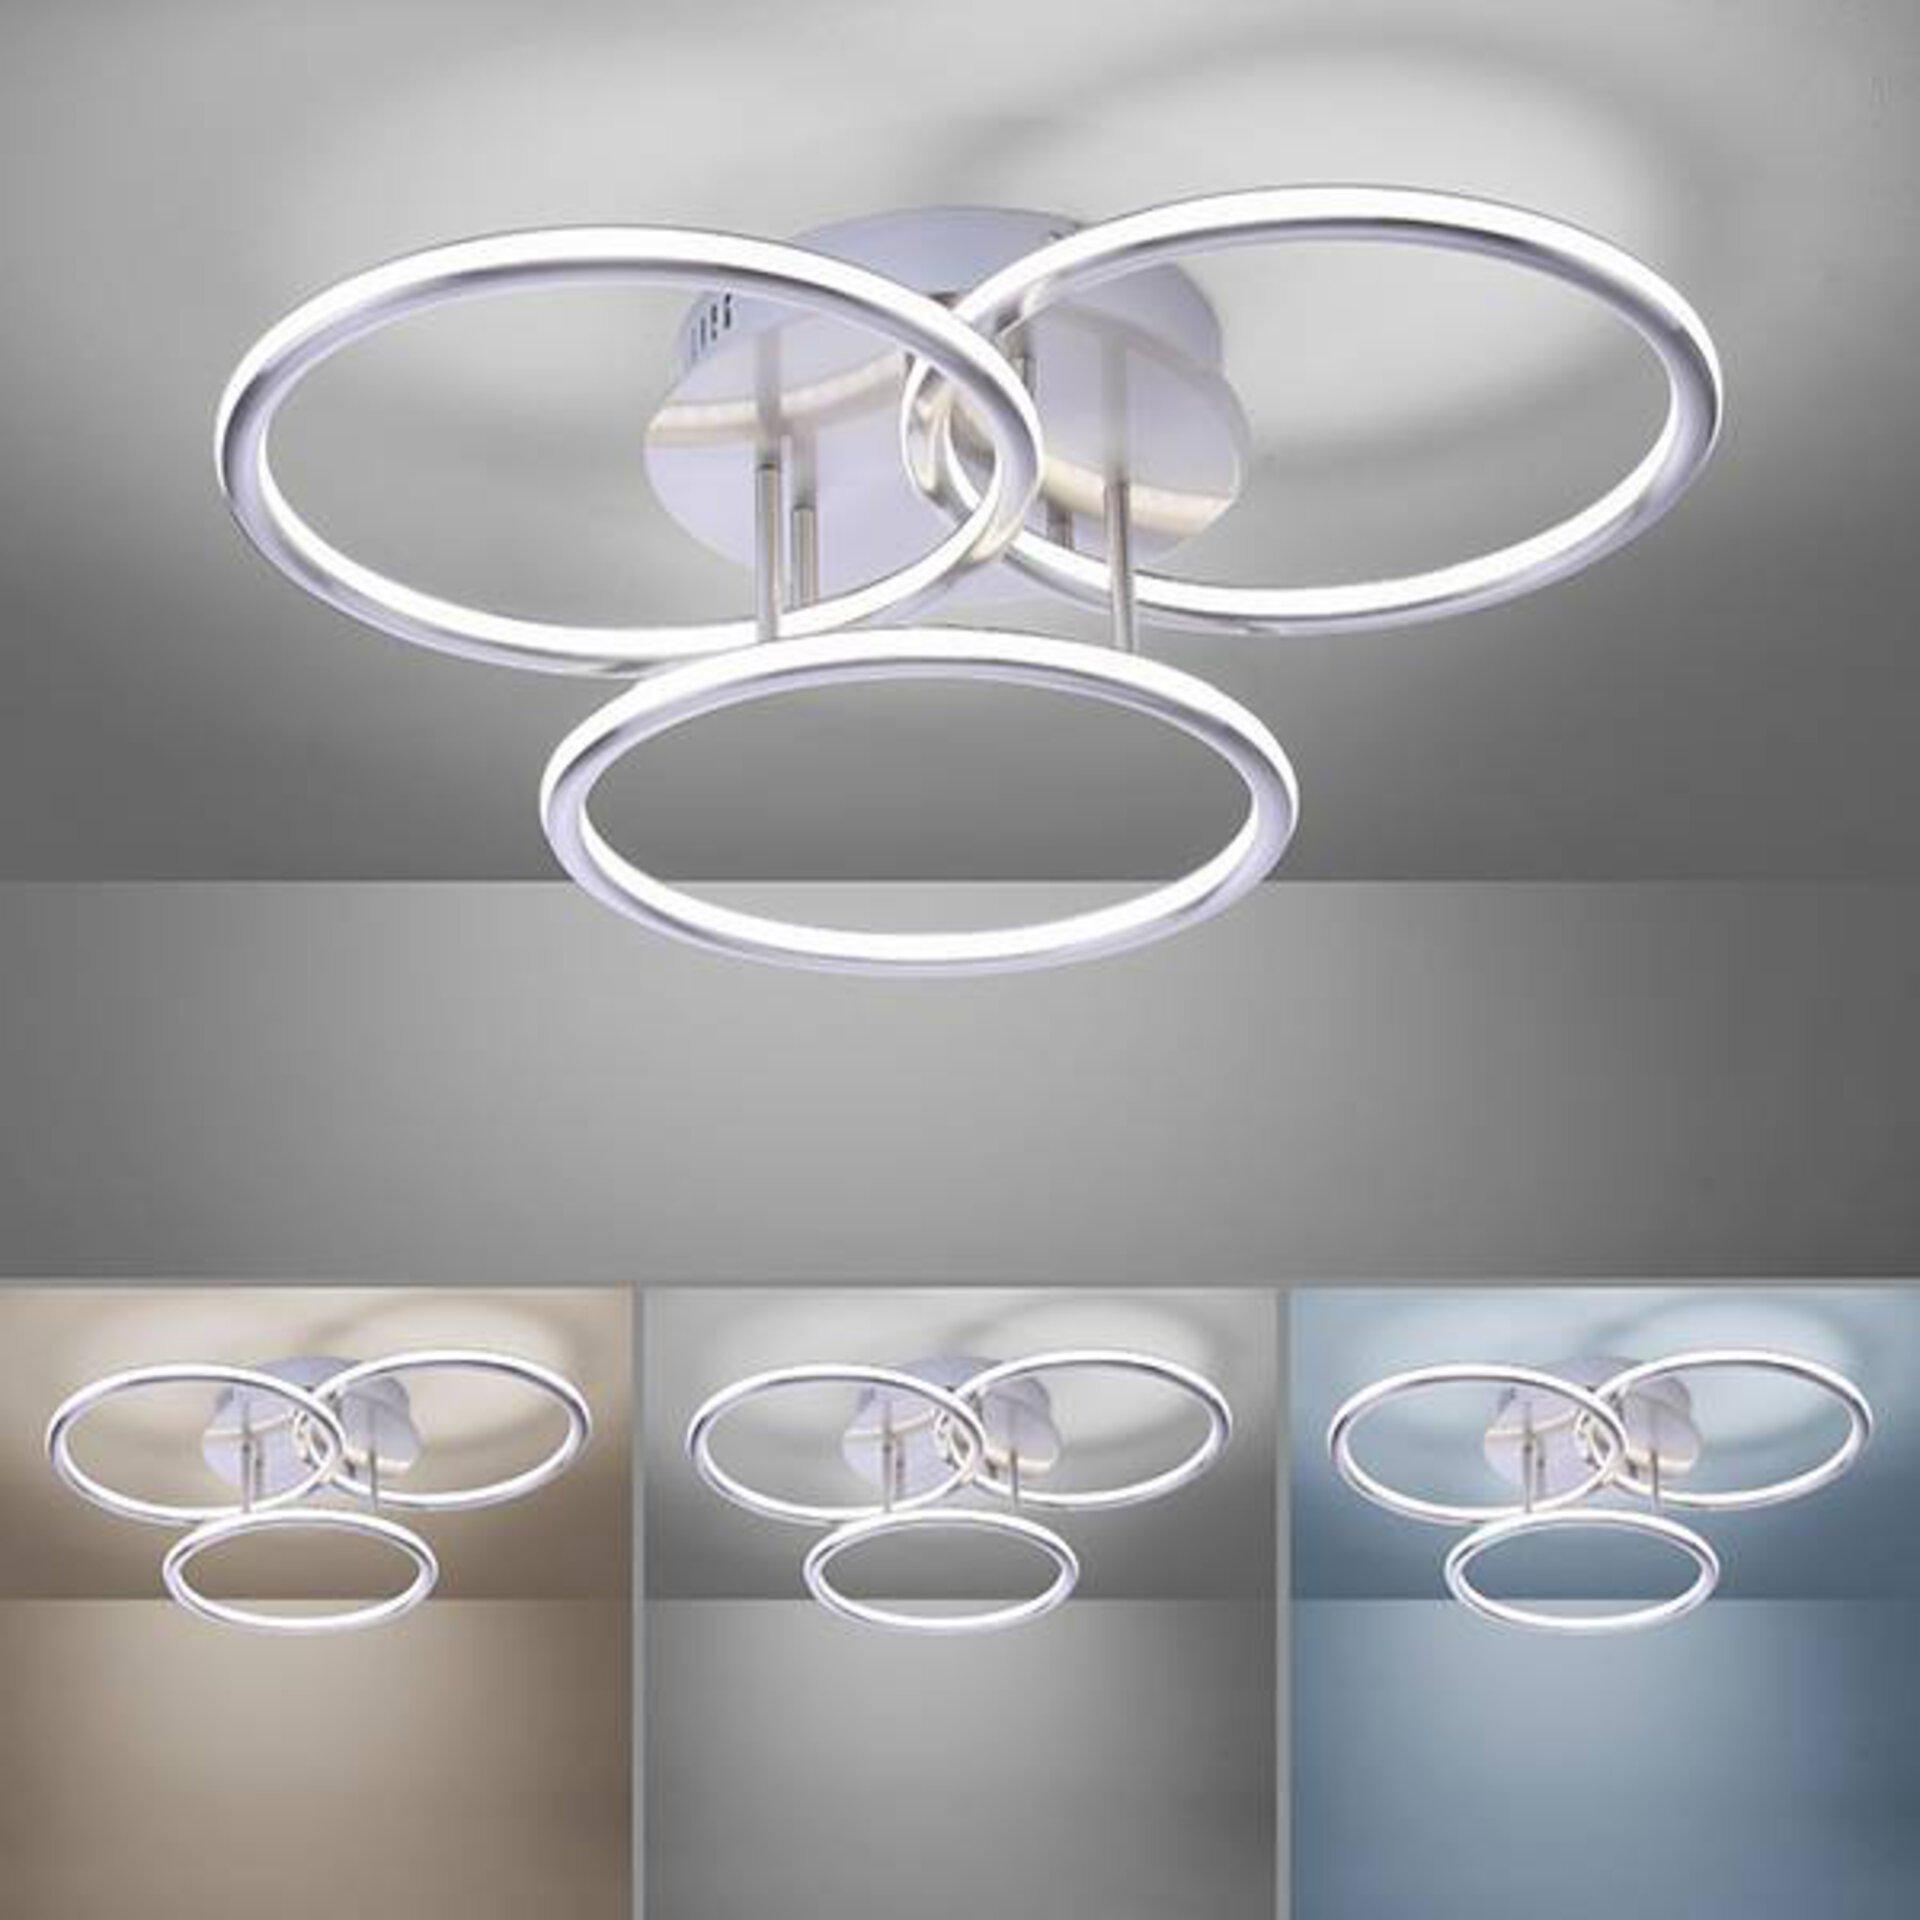 Hauptbild ist eine moderne Lampe aus drei Leuchtkreisen. Sie strahlt hell weiß. Darunter ist die gleiche Lampe kleiner in verschiedenen Leuchtfarben abgebildet.